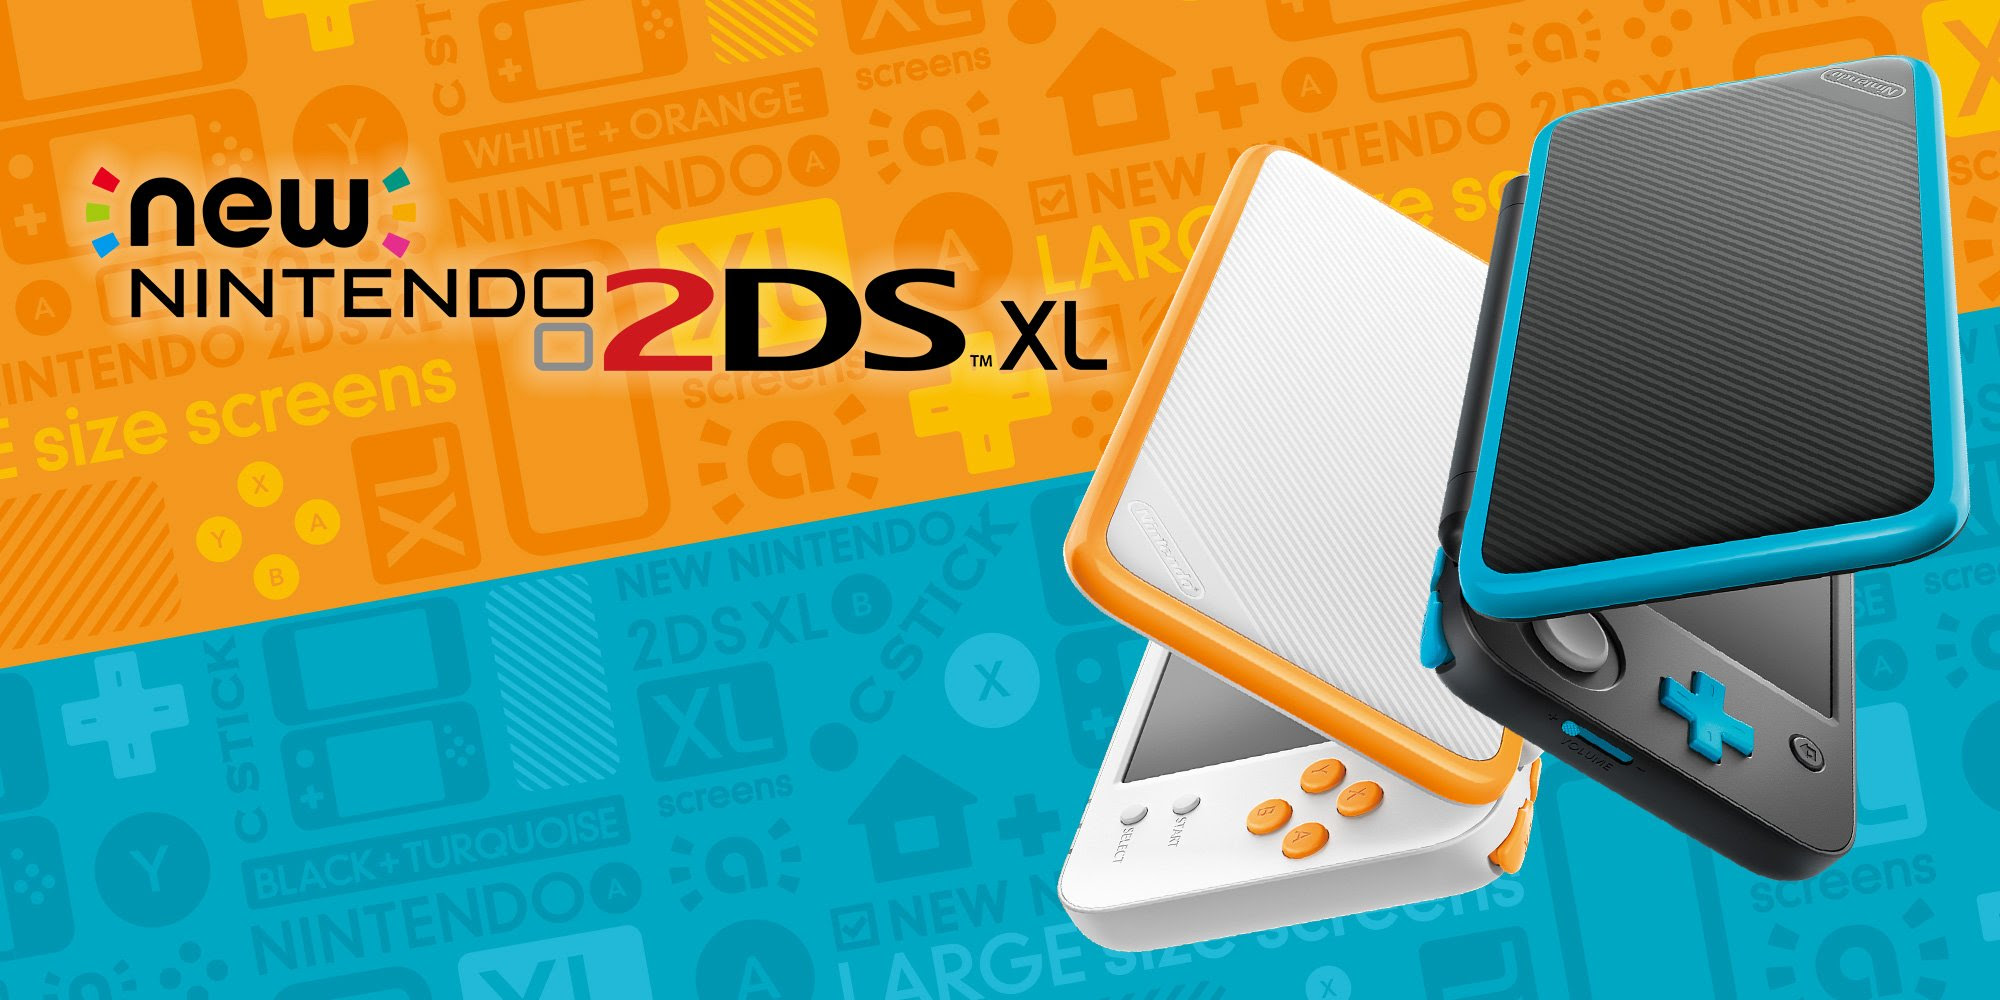 Review: New Nintendo 2DS XL screenshot